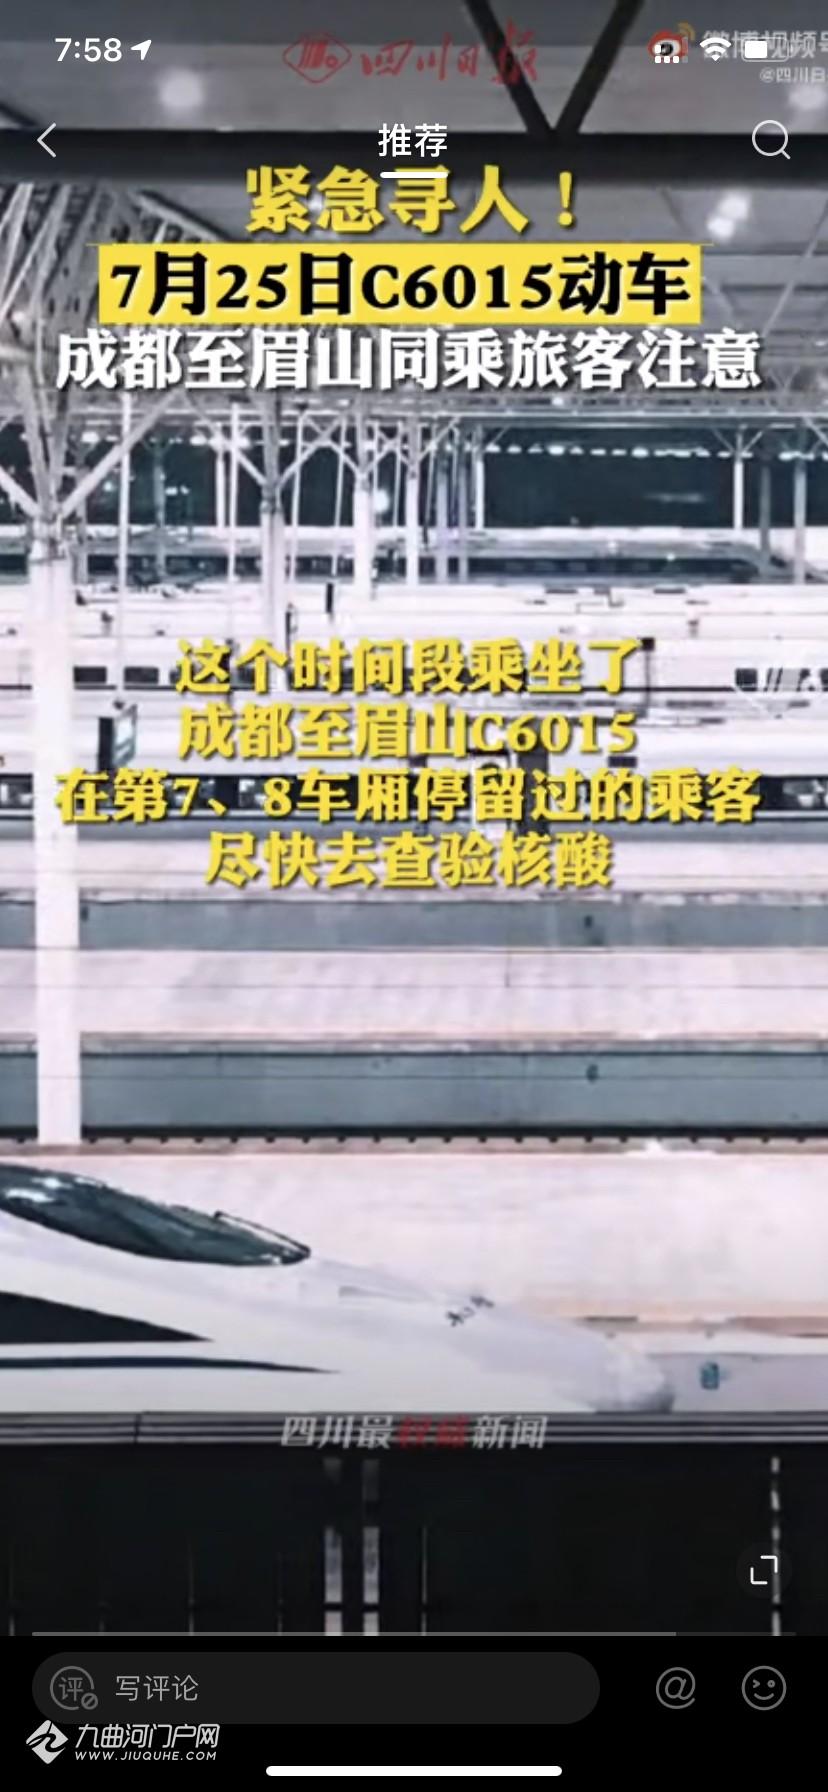 眉山发现一例无症状感染密接者,四川急寻25日C6015动车旅客